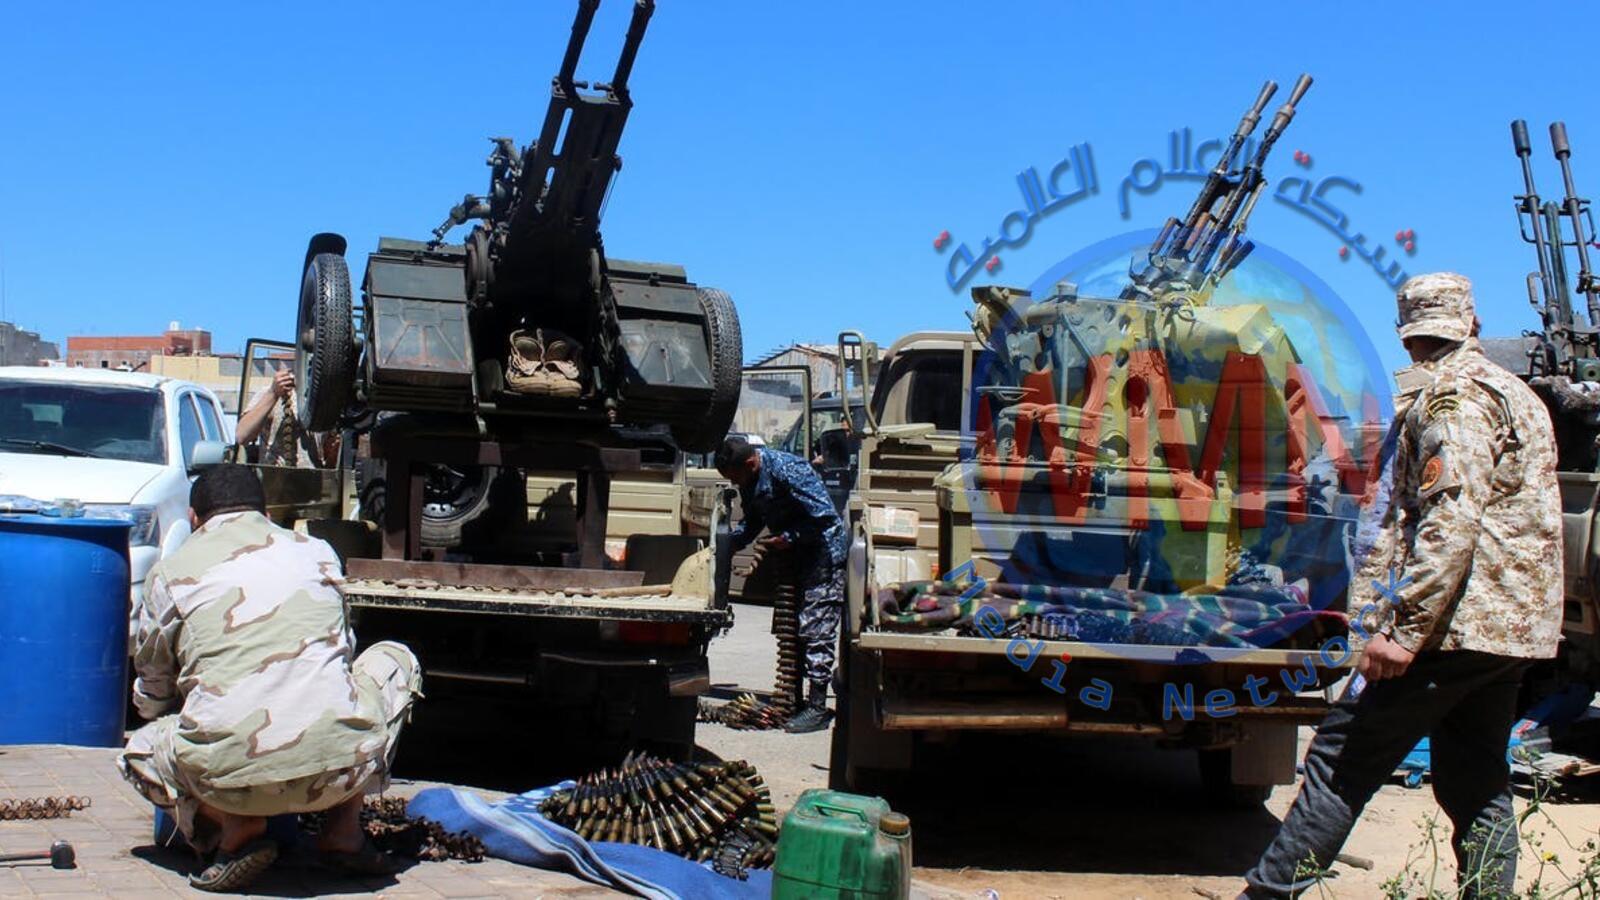 دمار ملايين الكتب المدرسية خلال القتال في العاصمة الليبية